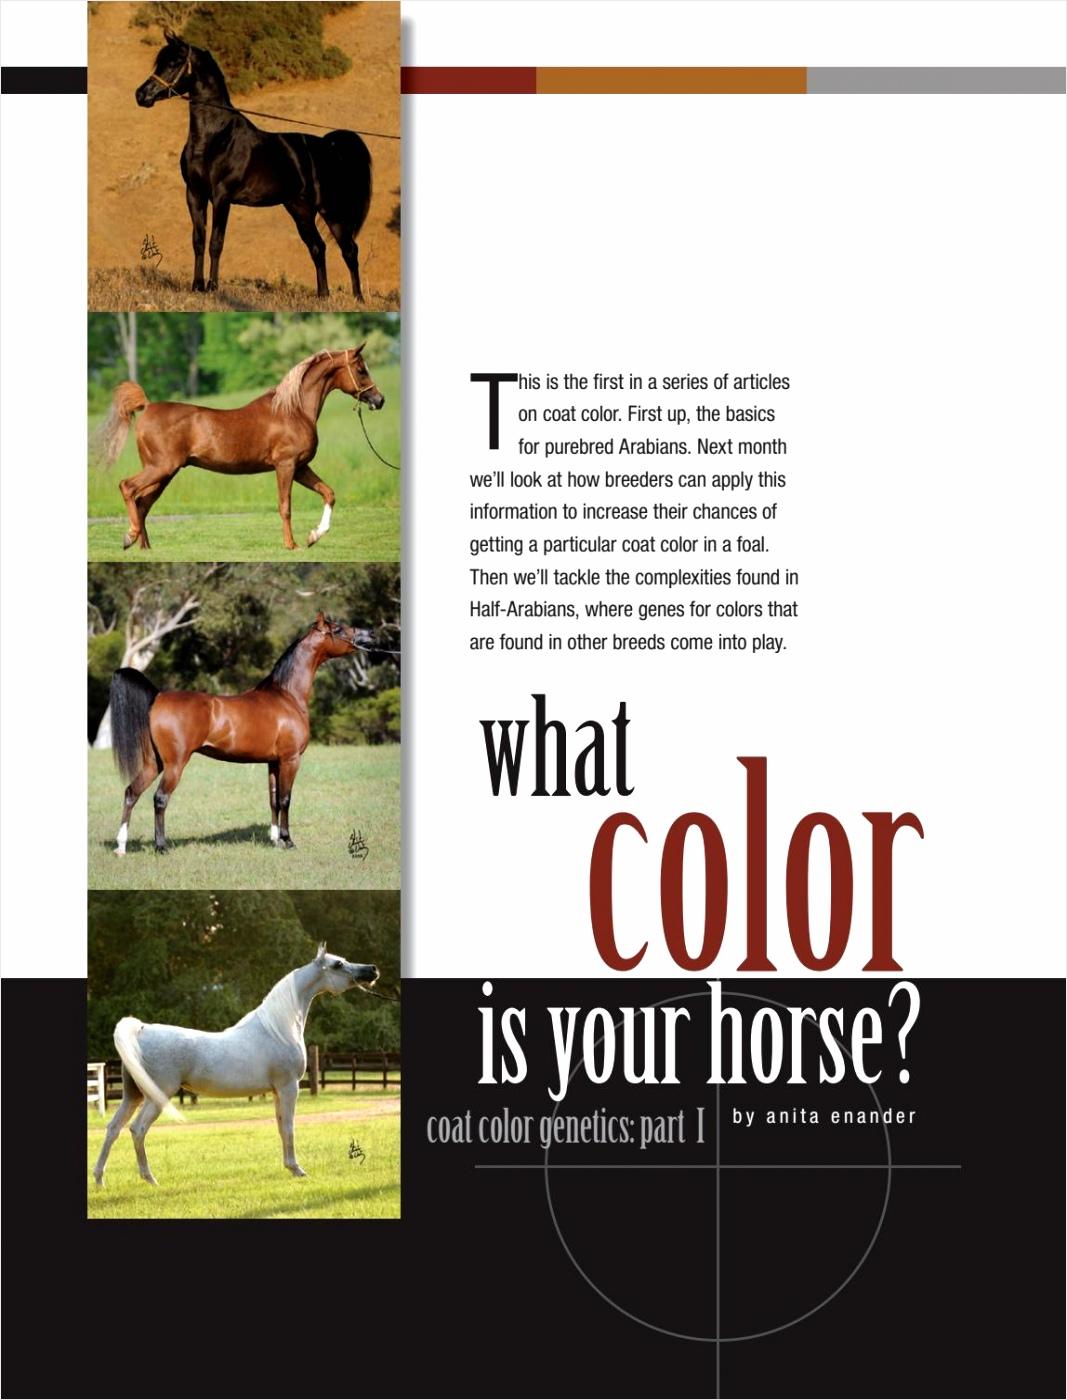 otw 0712 what color is your horse part 1 unane